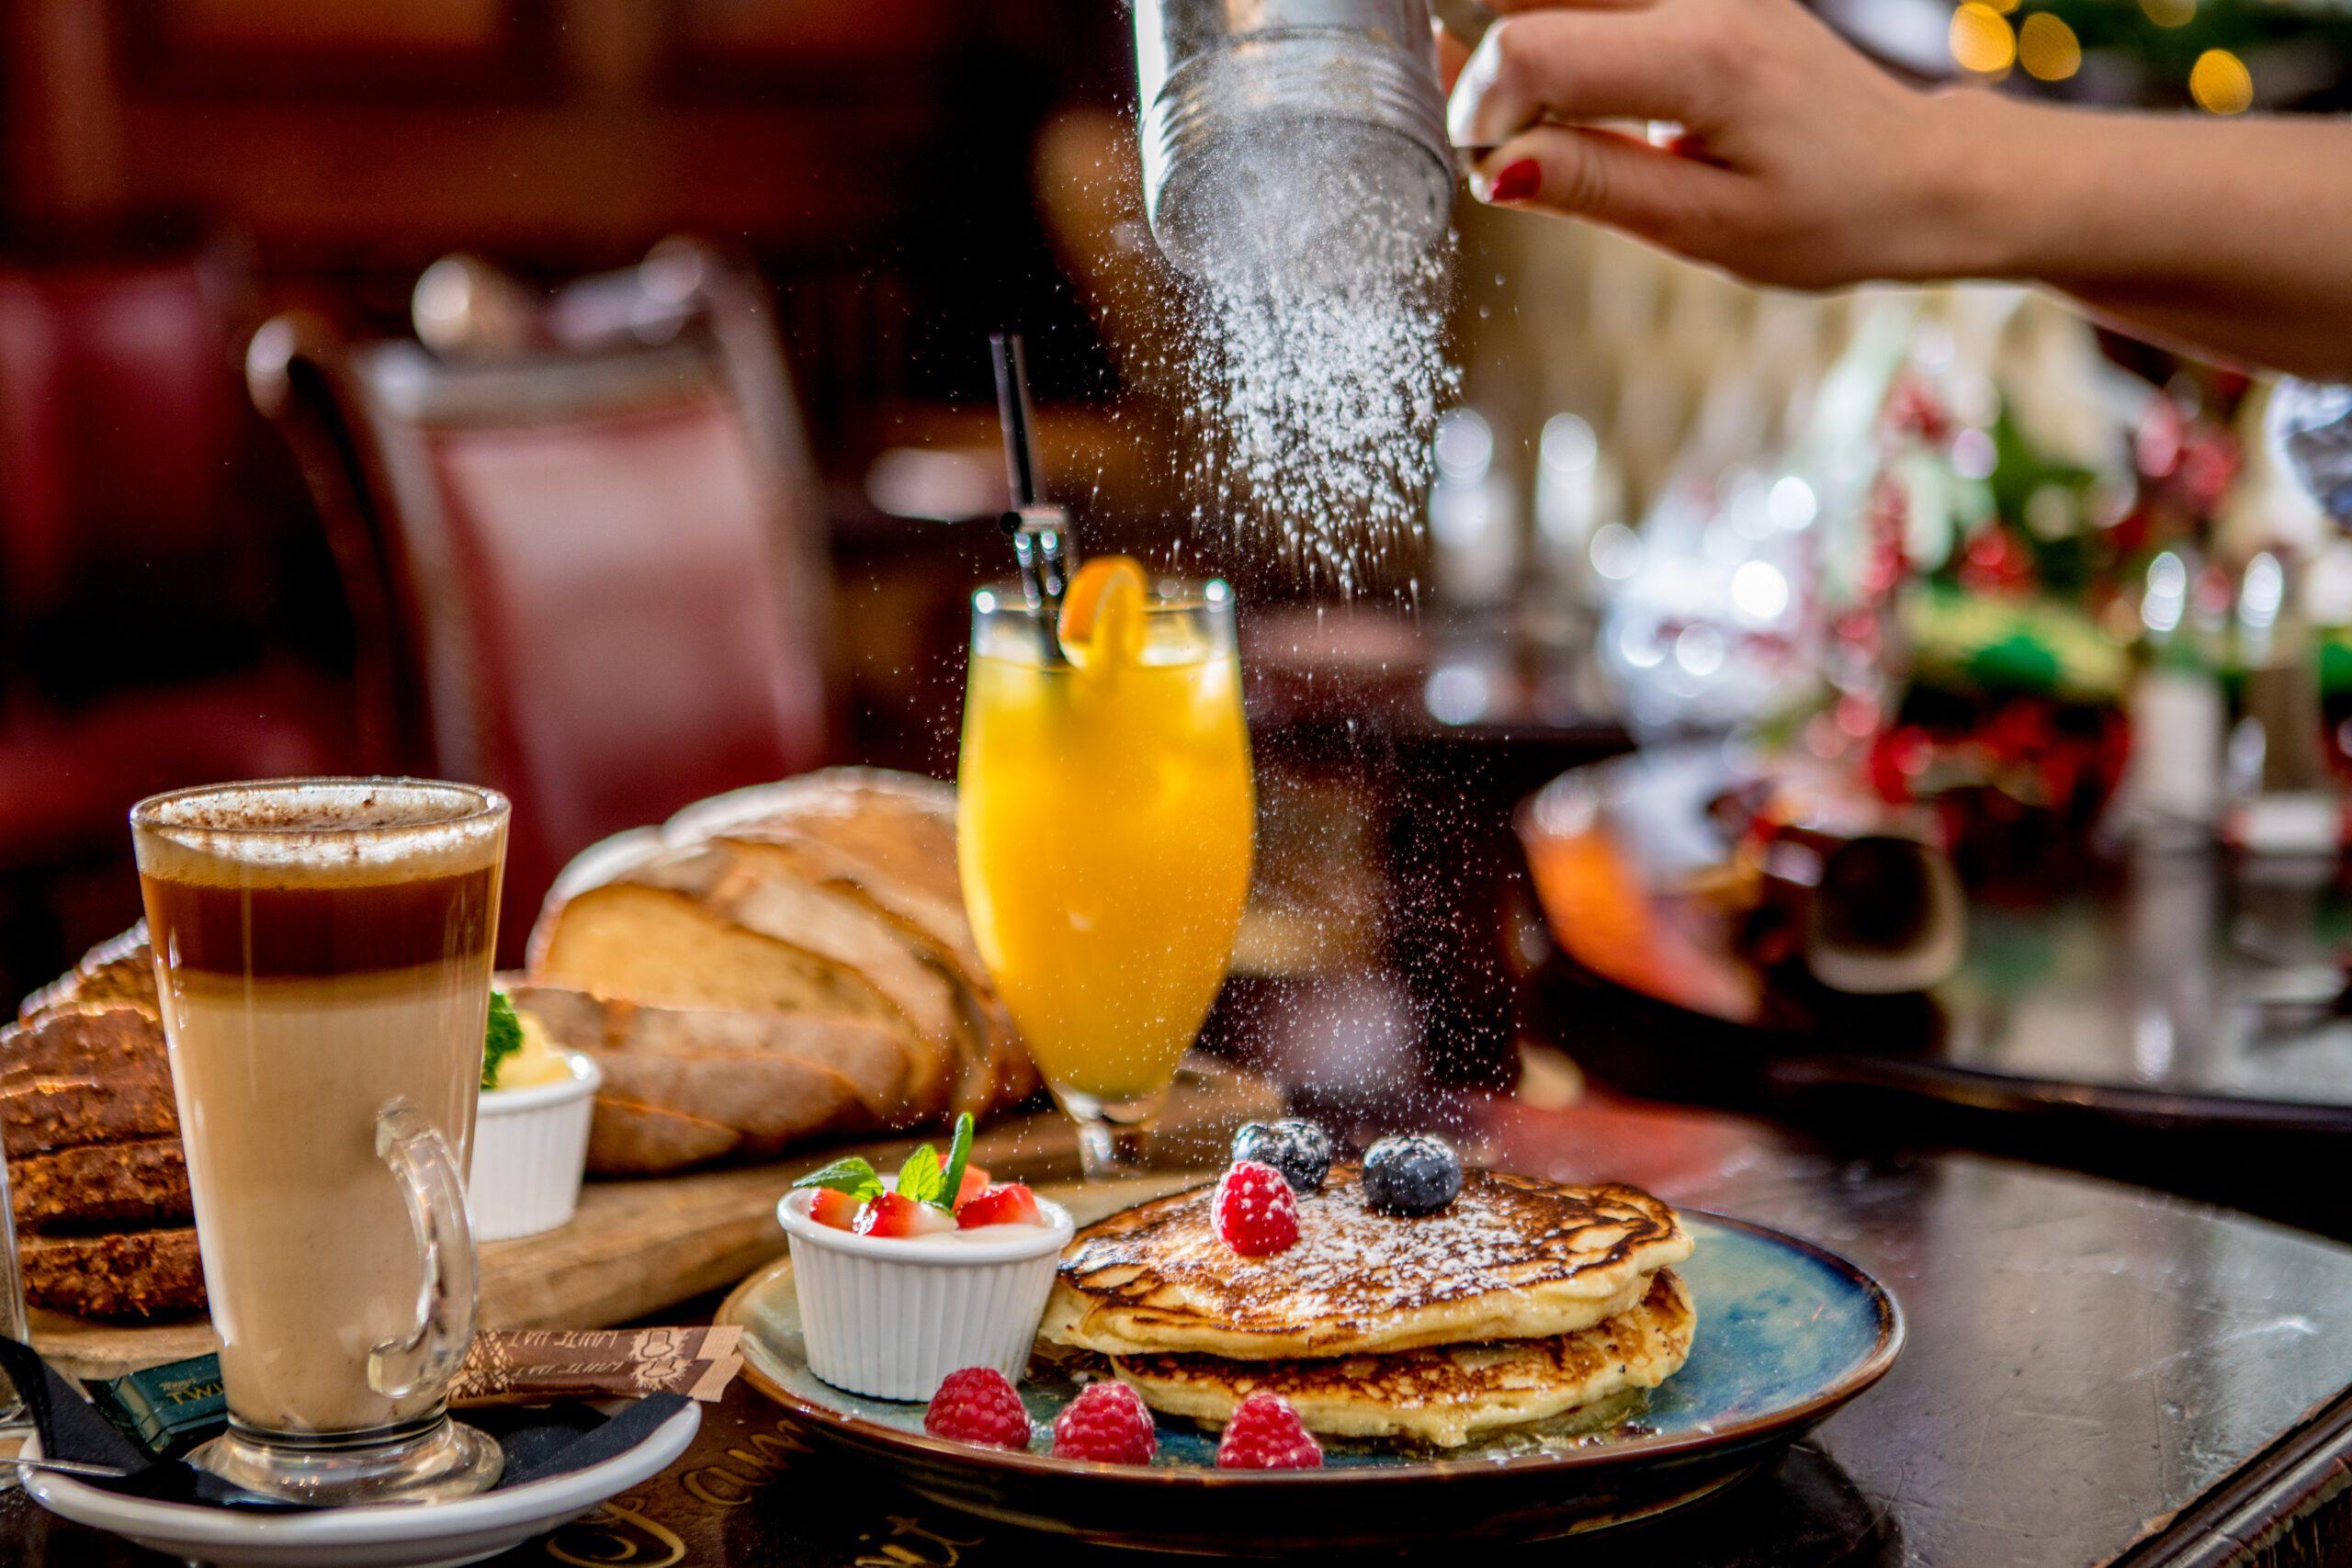 O'Neill's bar Dublin breakfast brunch pancakes orange juice